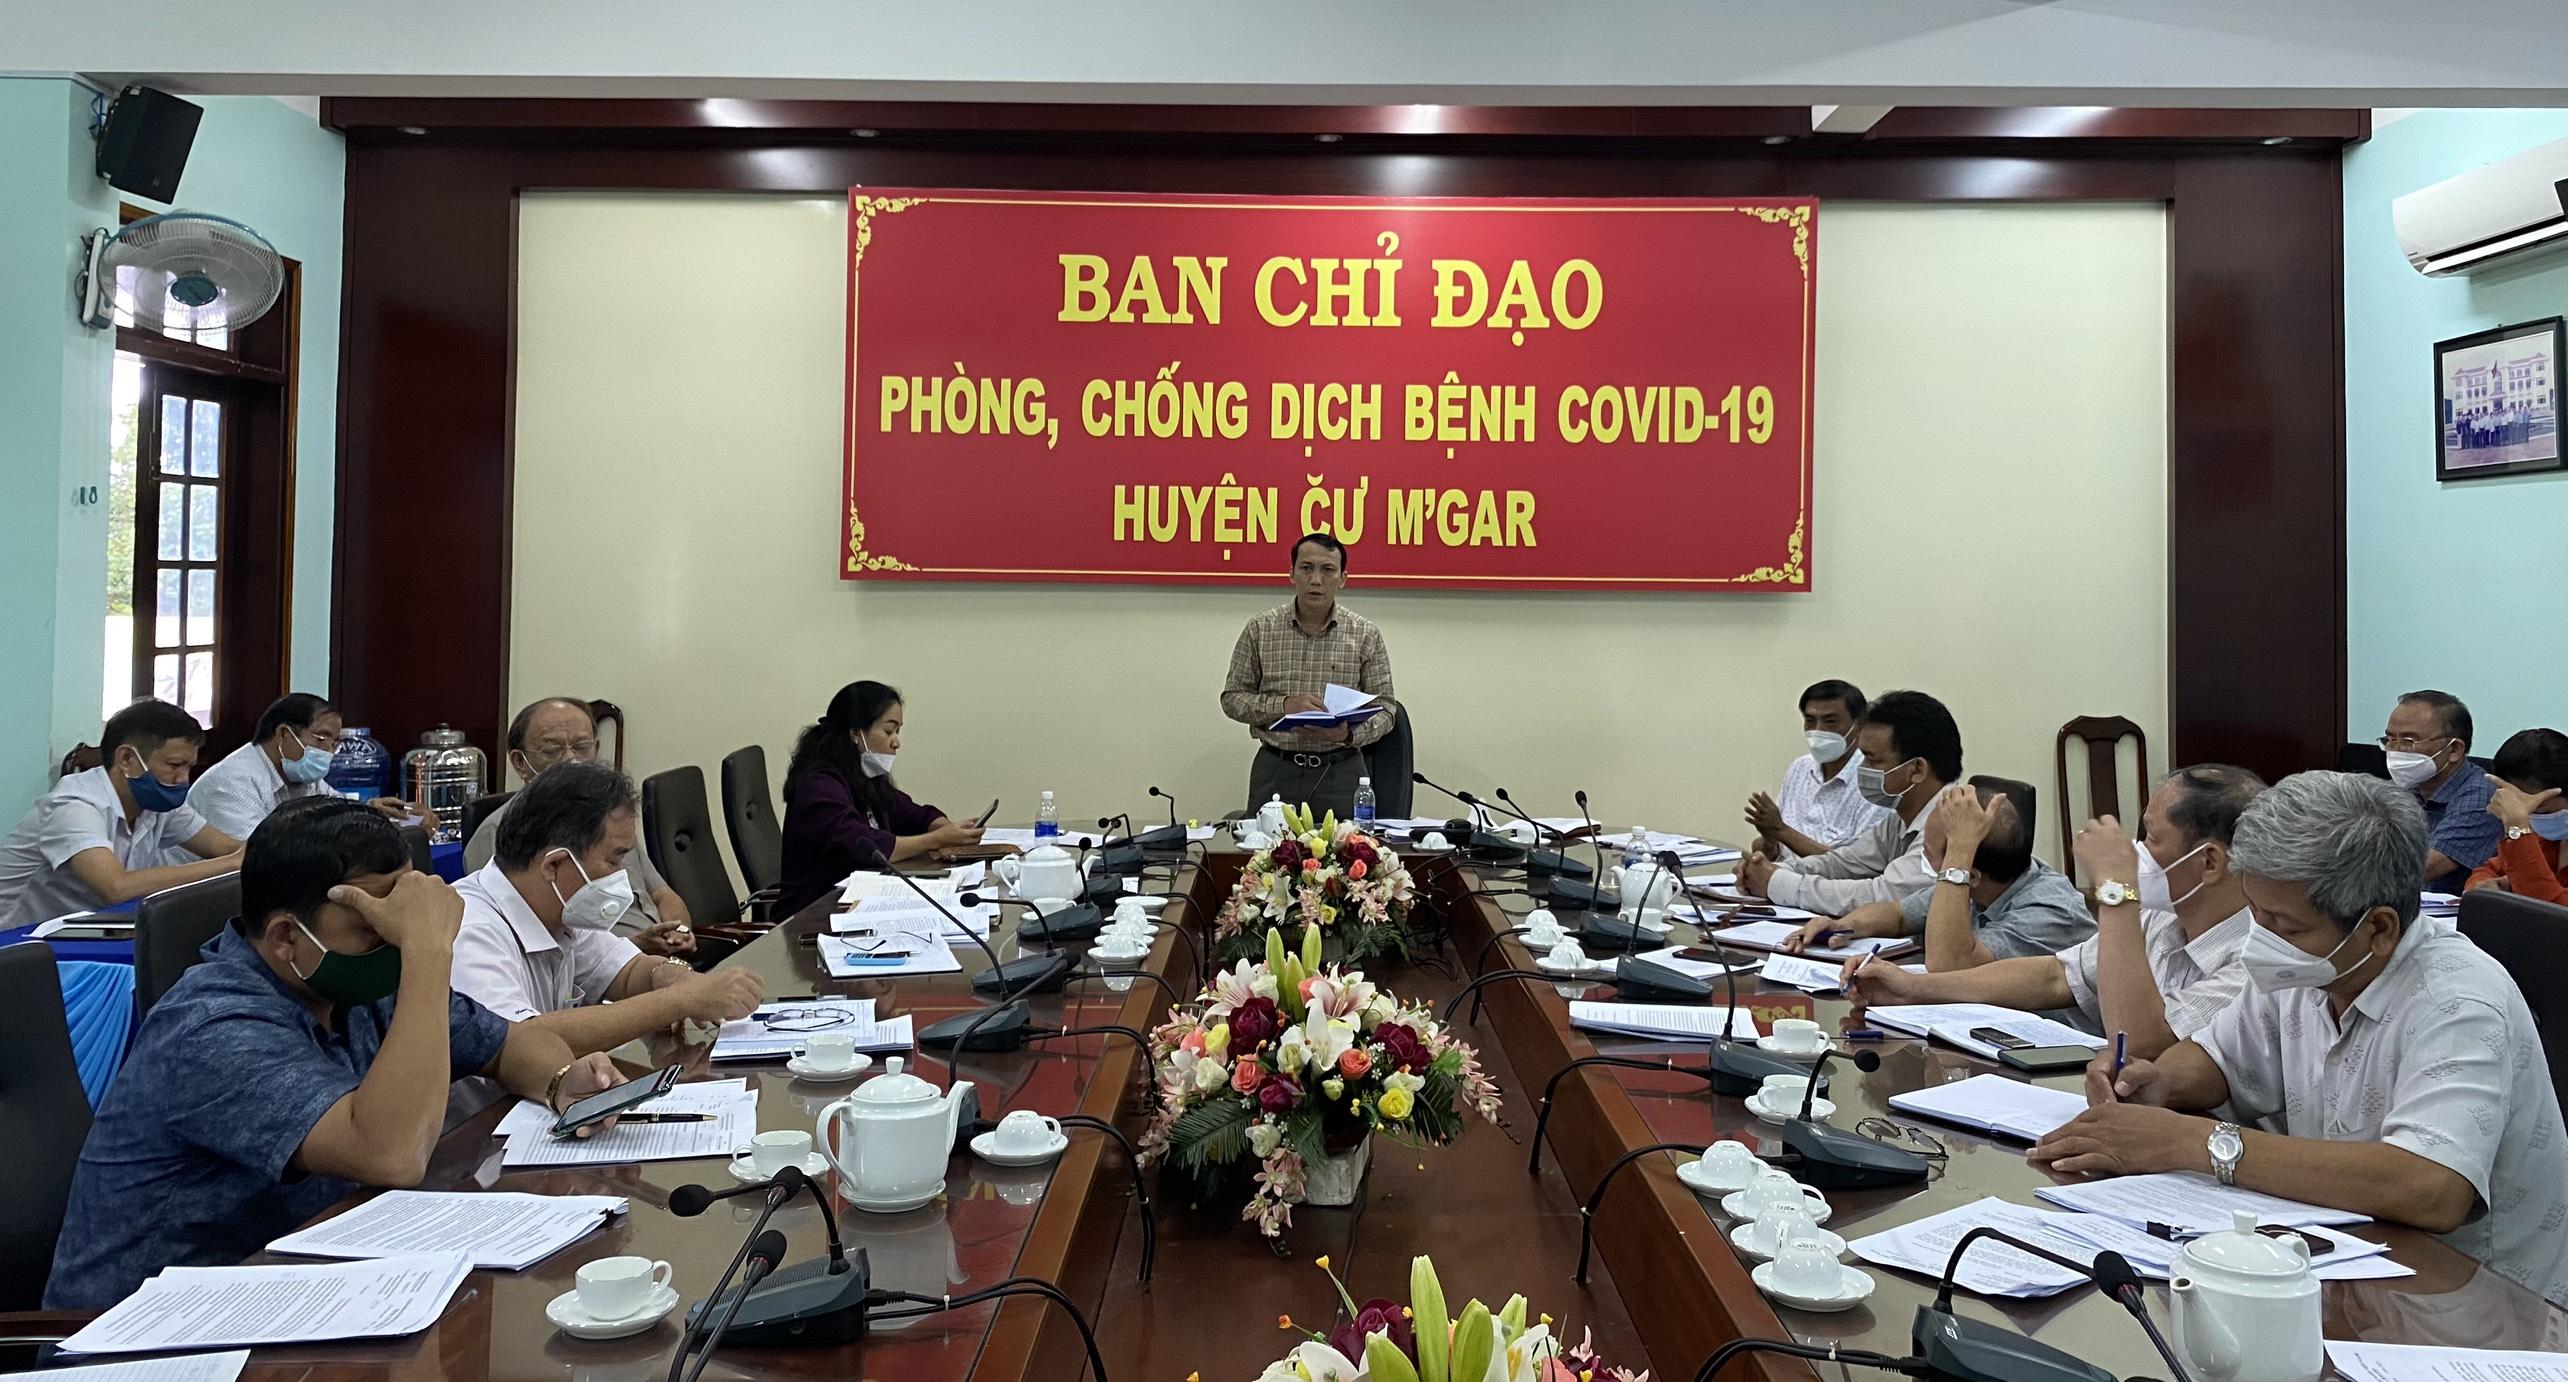 Huyện Cư M'gar triển khai công tác phòng chống dịch Covid – 19